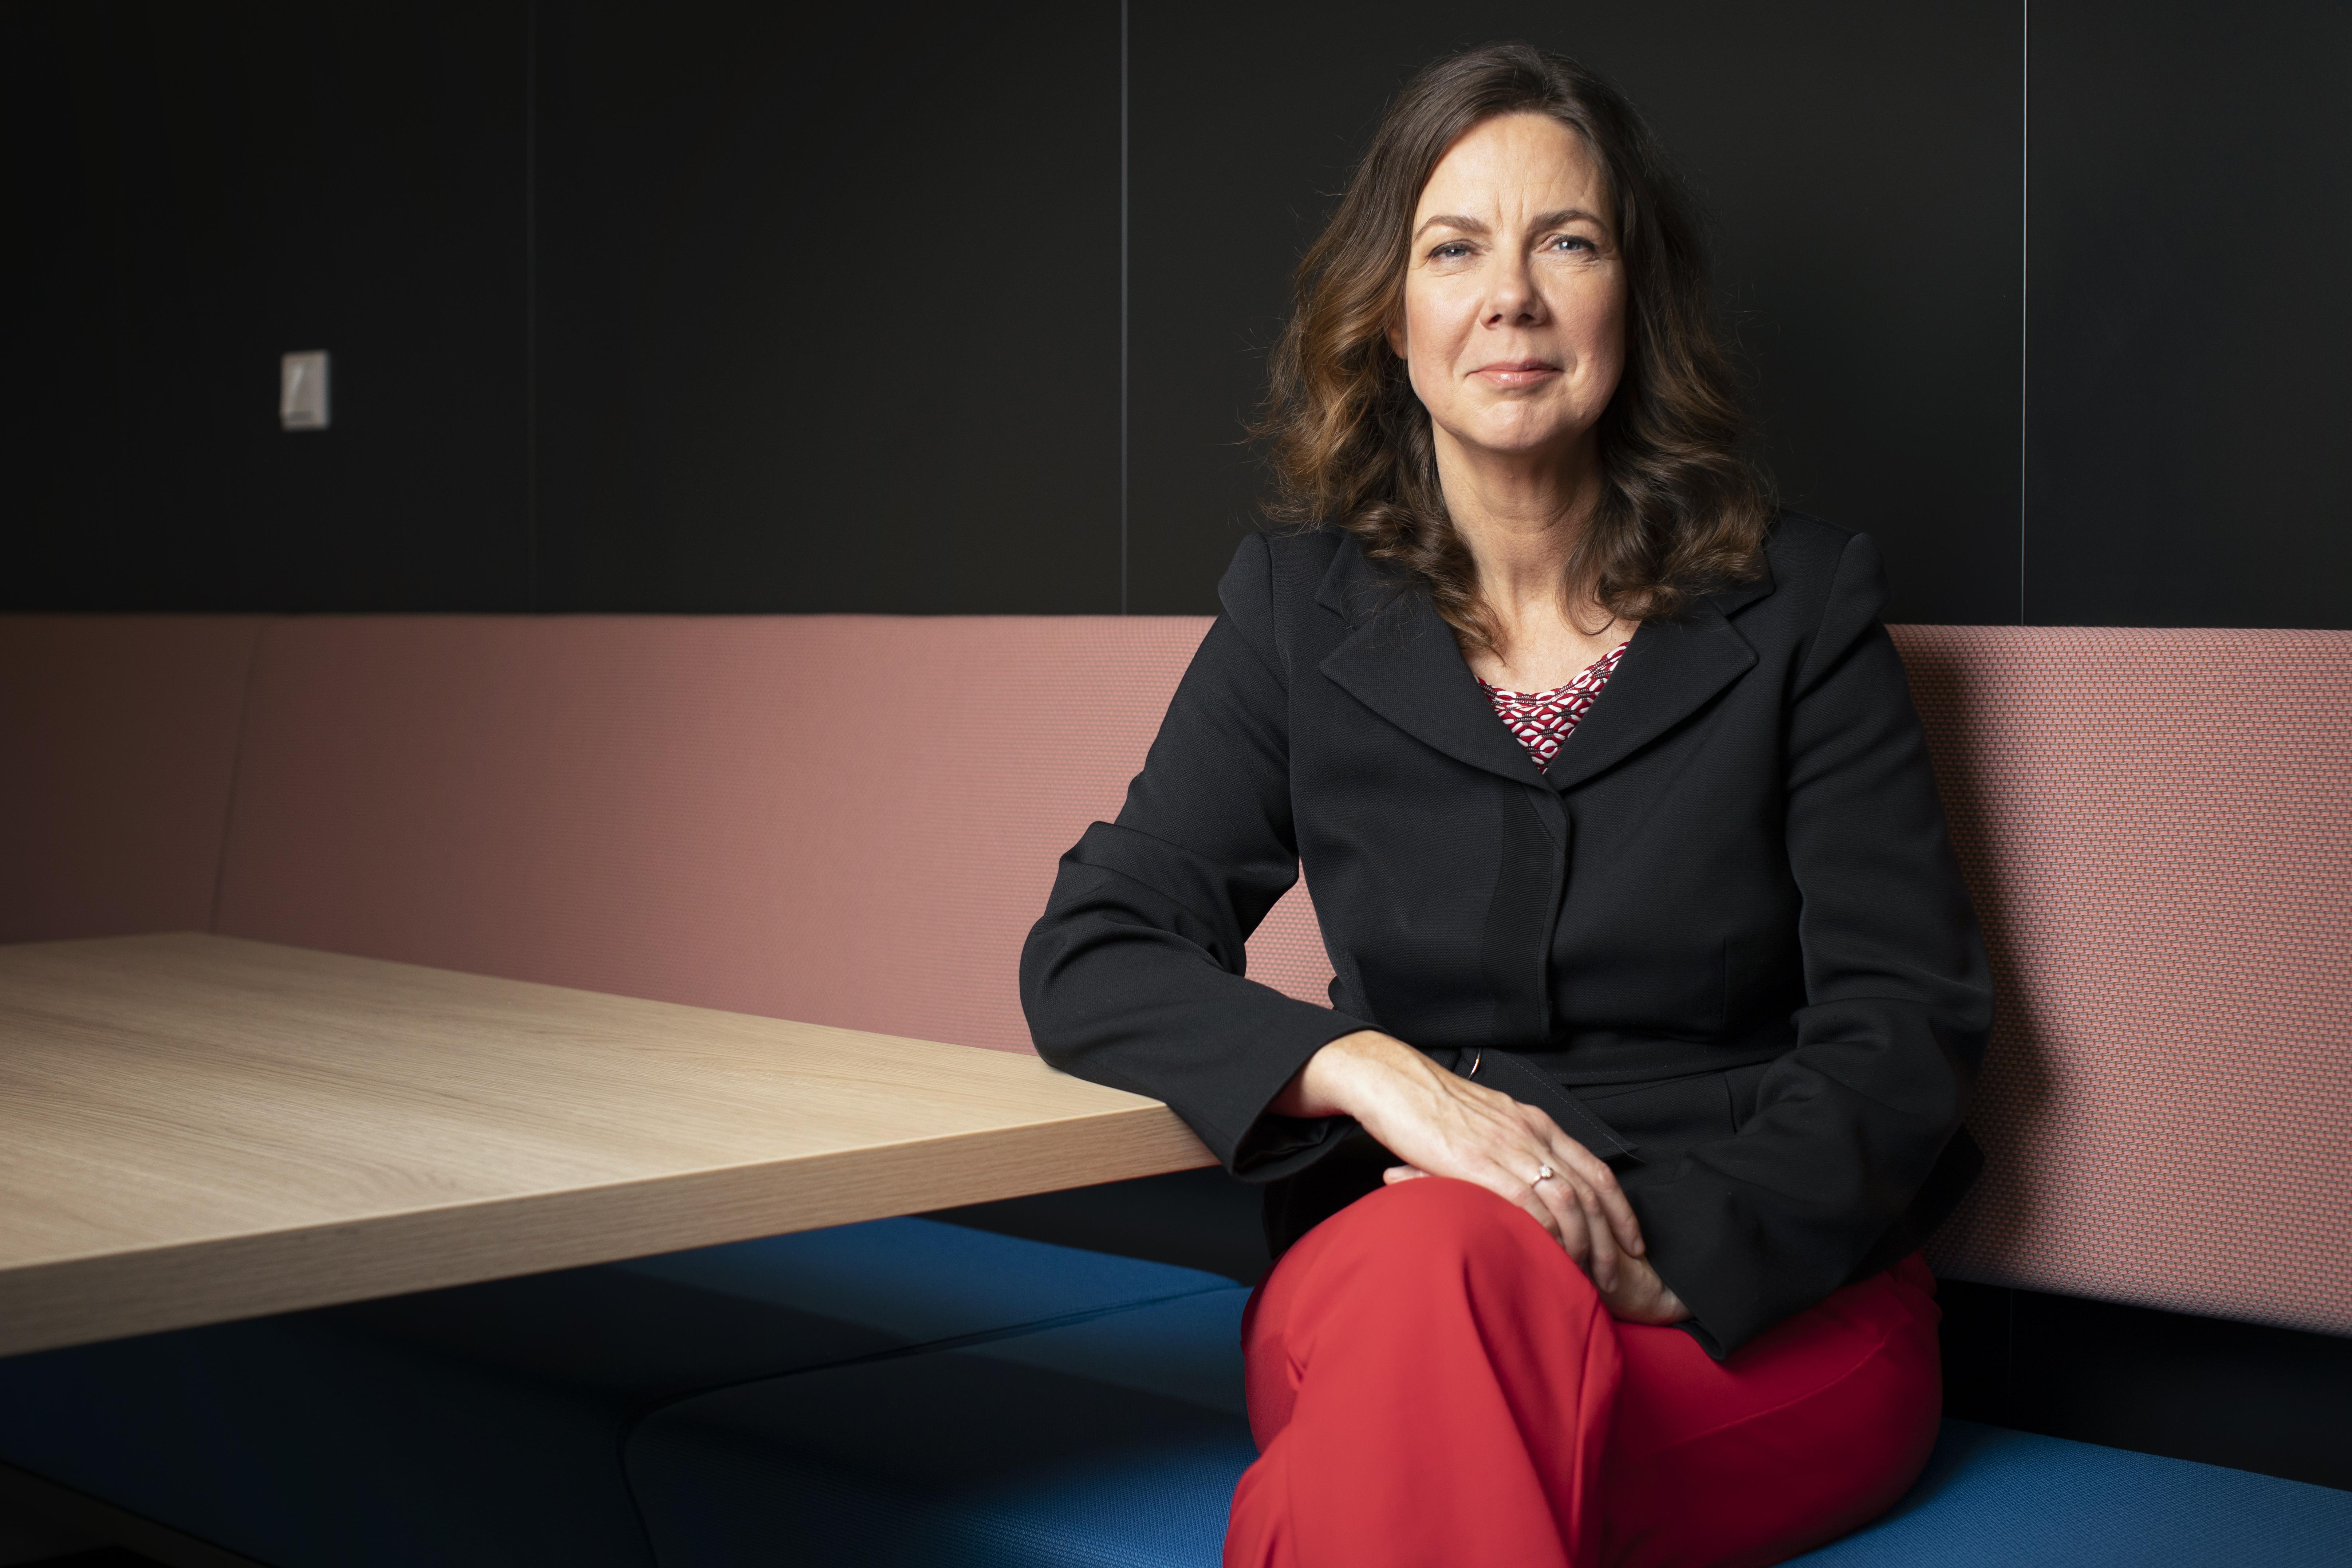 Een foto van Sandra Molenaar, directeur van de Consumentenbond